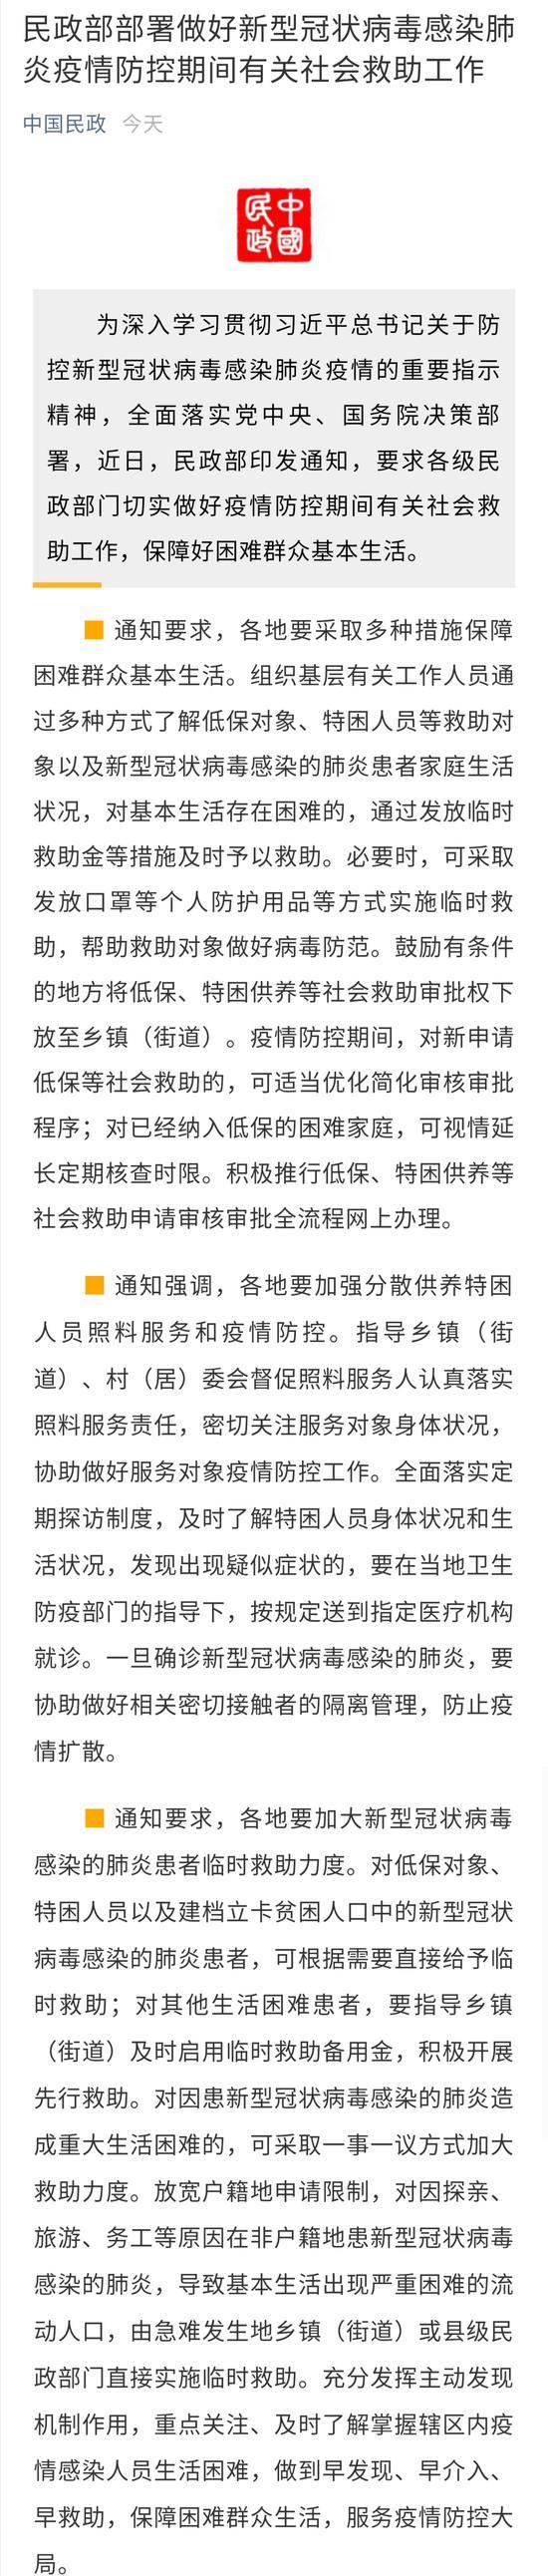 民政部:在外地患新型肺炎可获临时救助